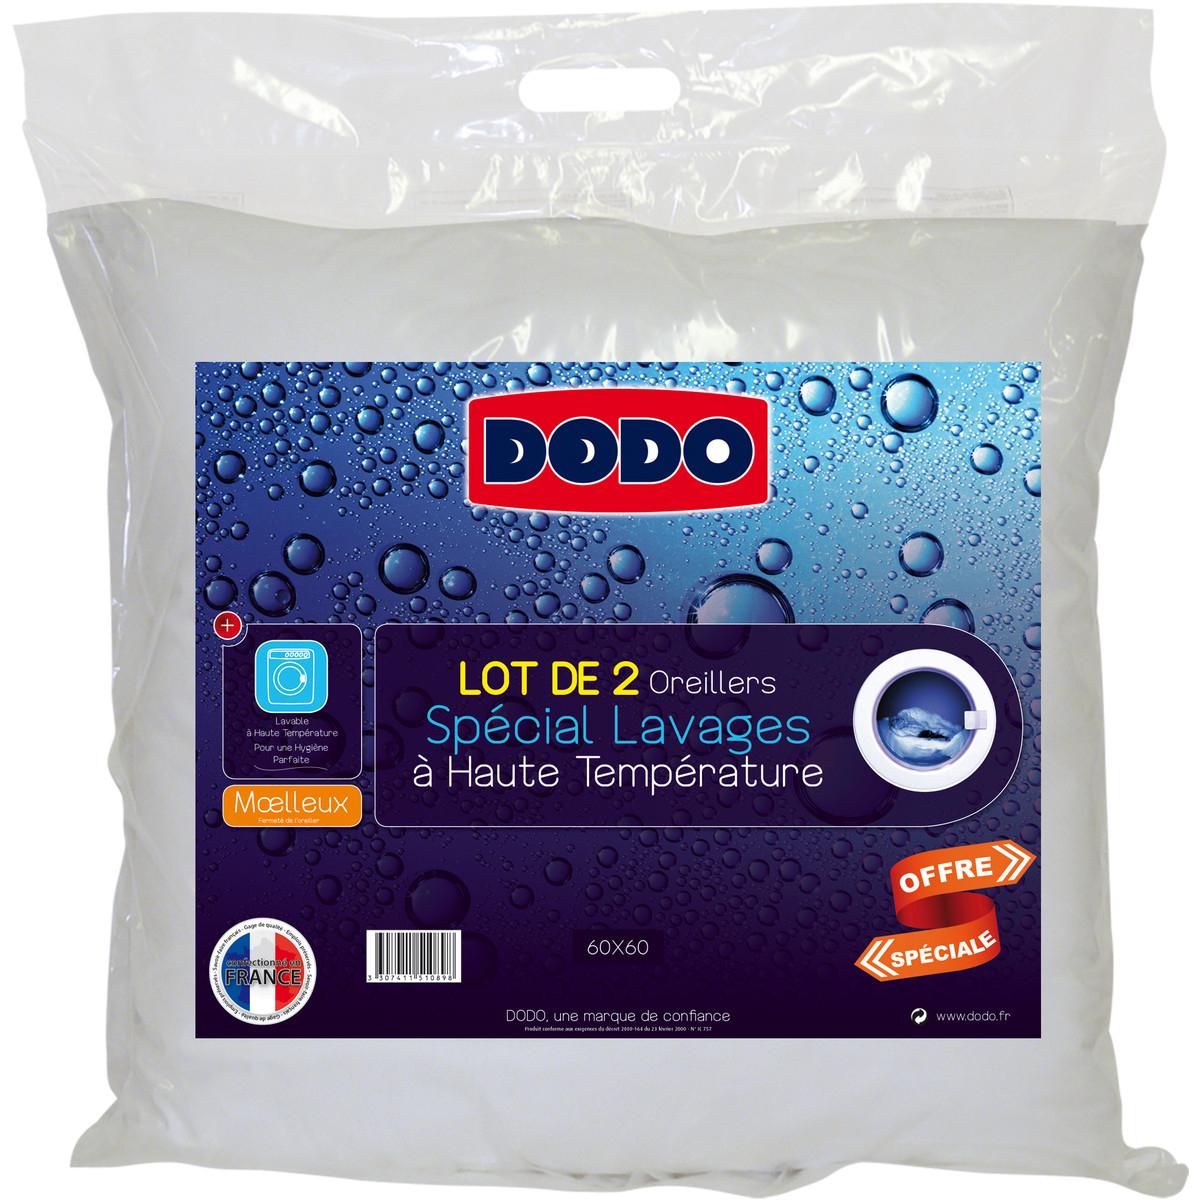 Lot de 2 oreillers moelleux Dodo - Polyester - Spécial Lavages à haute température